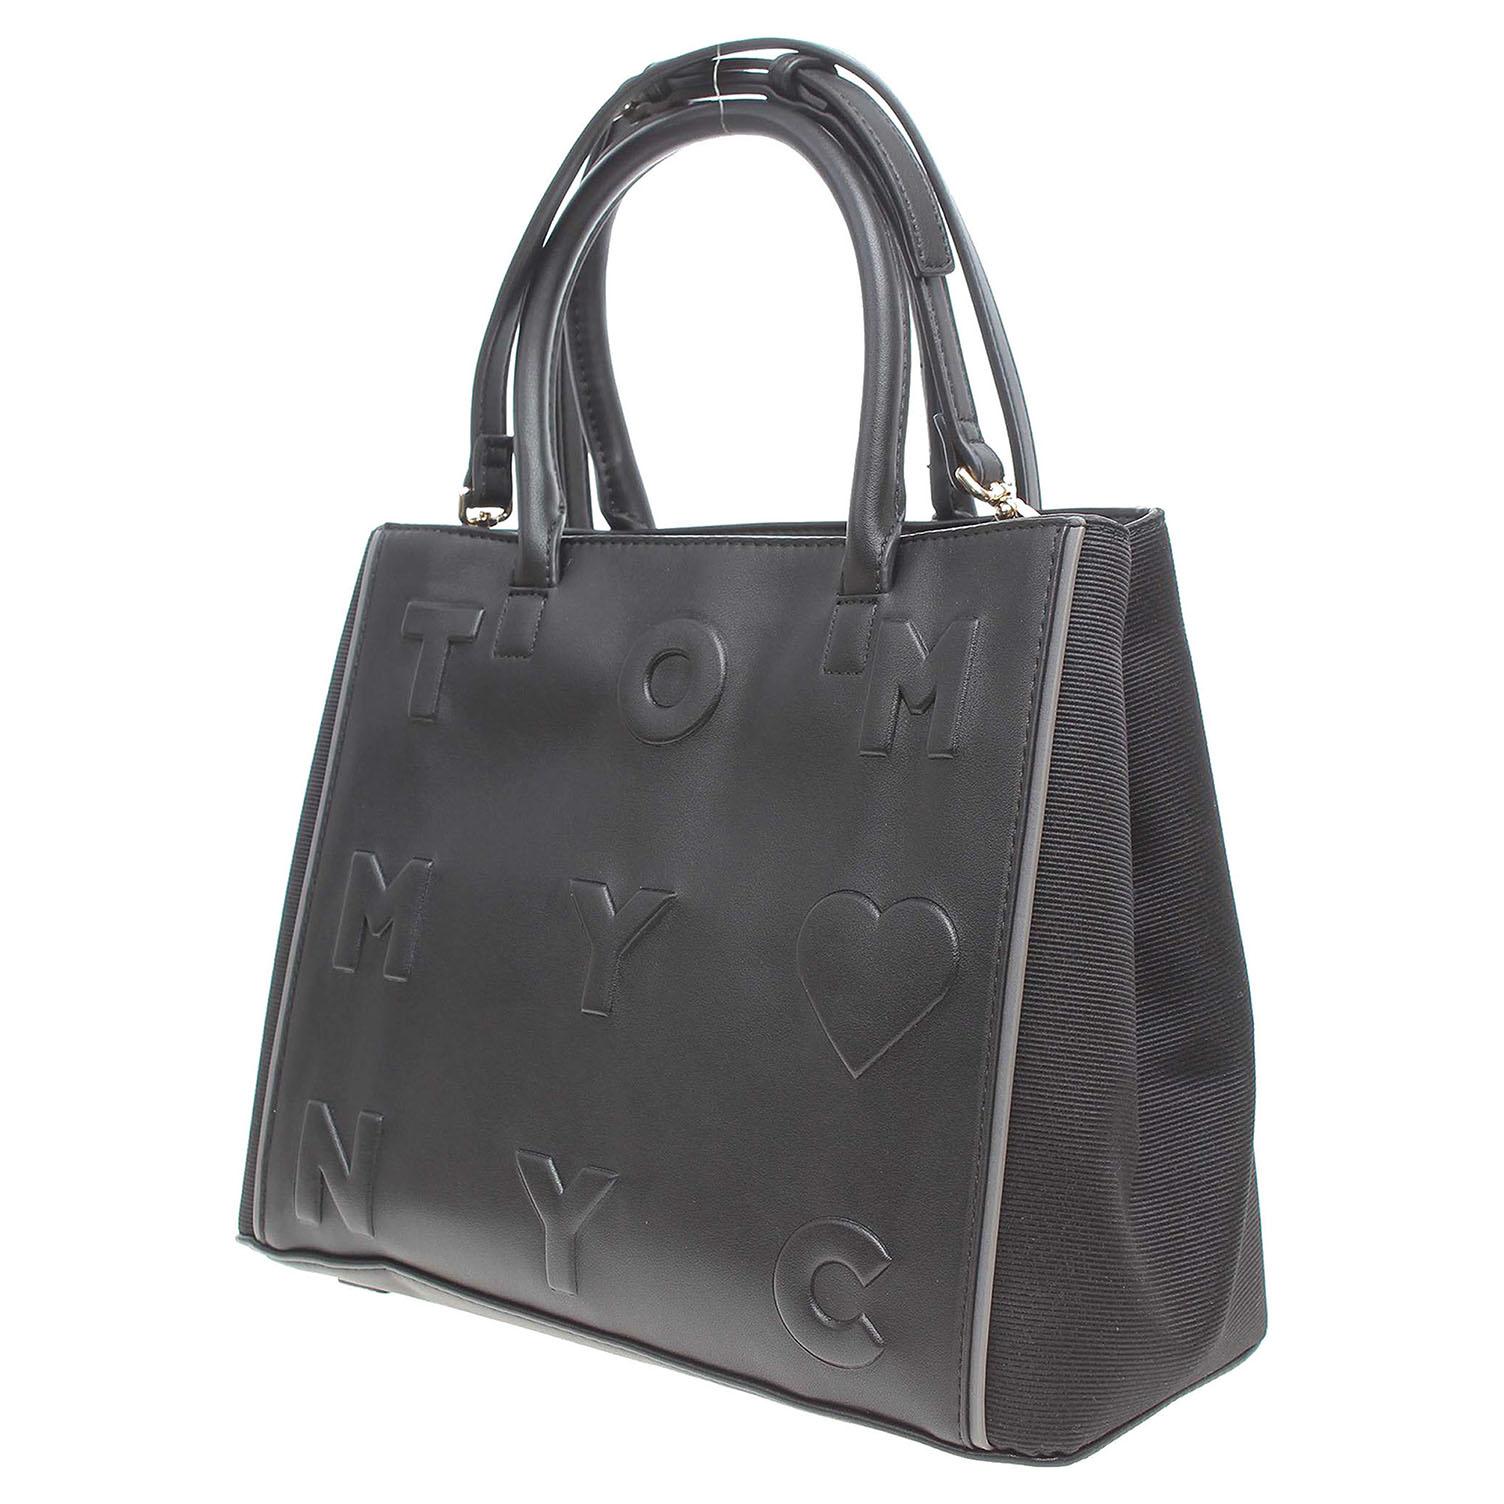 Tommy Hilfiger dámská kabelka AW0AW03829 černá 1